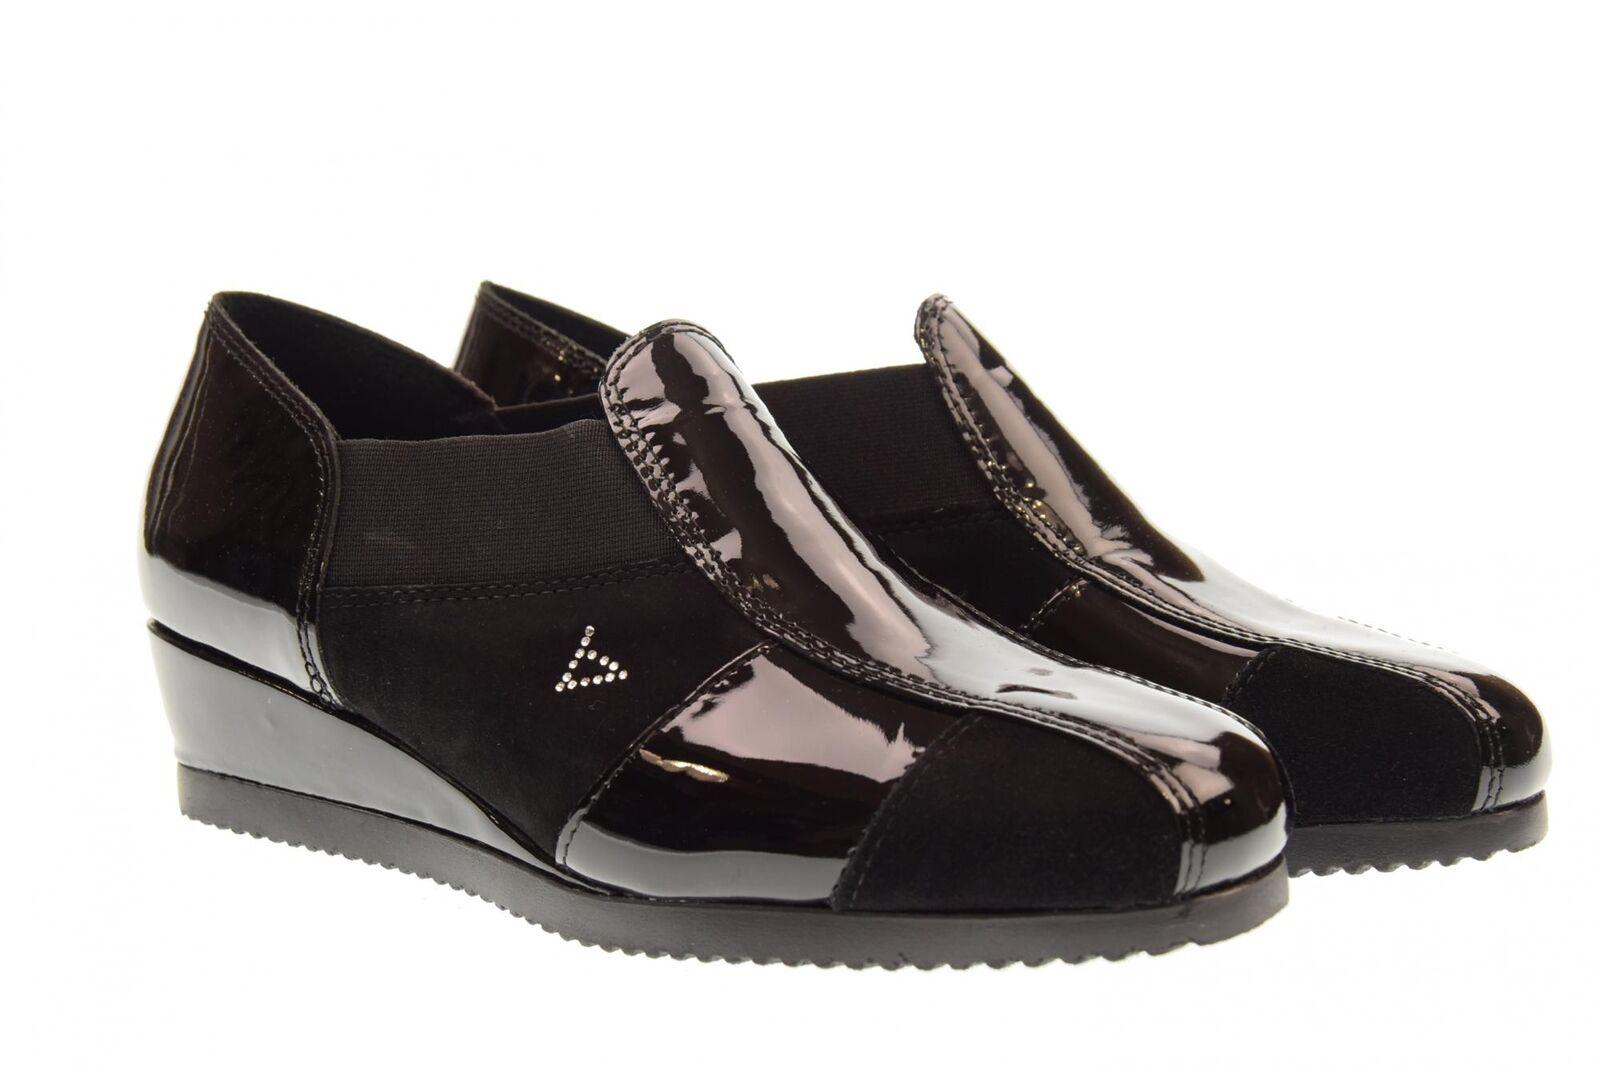 Valleverde A18us scarpe donna calzature  accorato 36303  tutto in alta qualità e prezzo basso